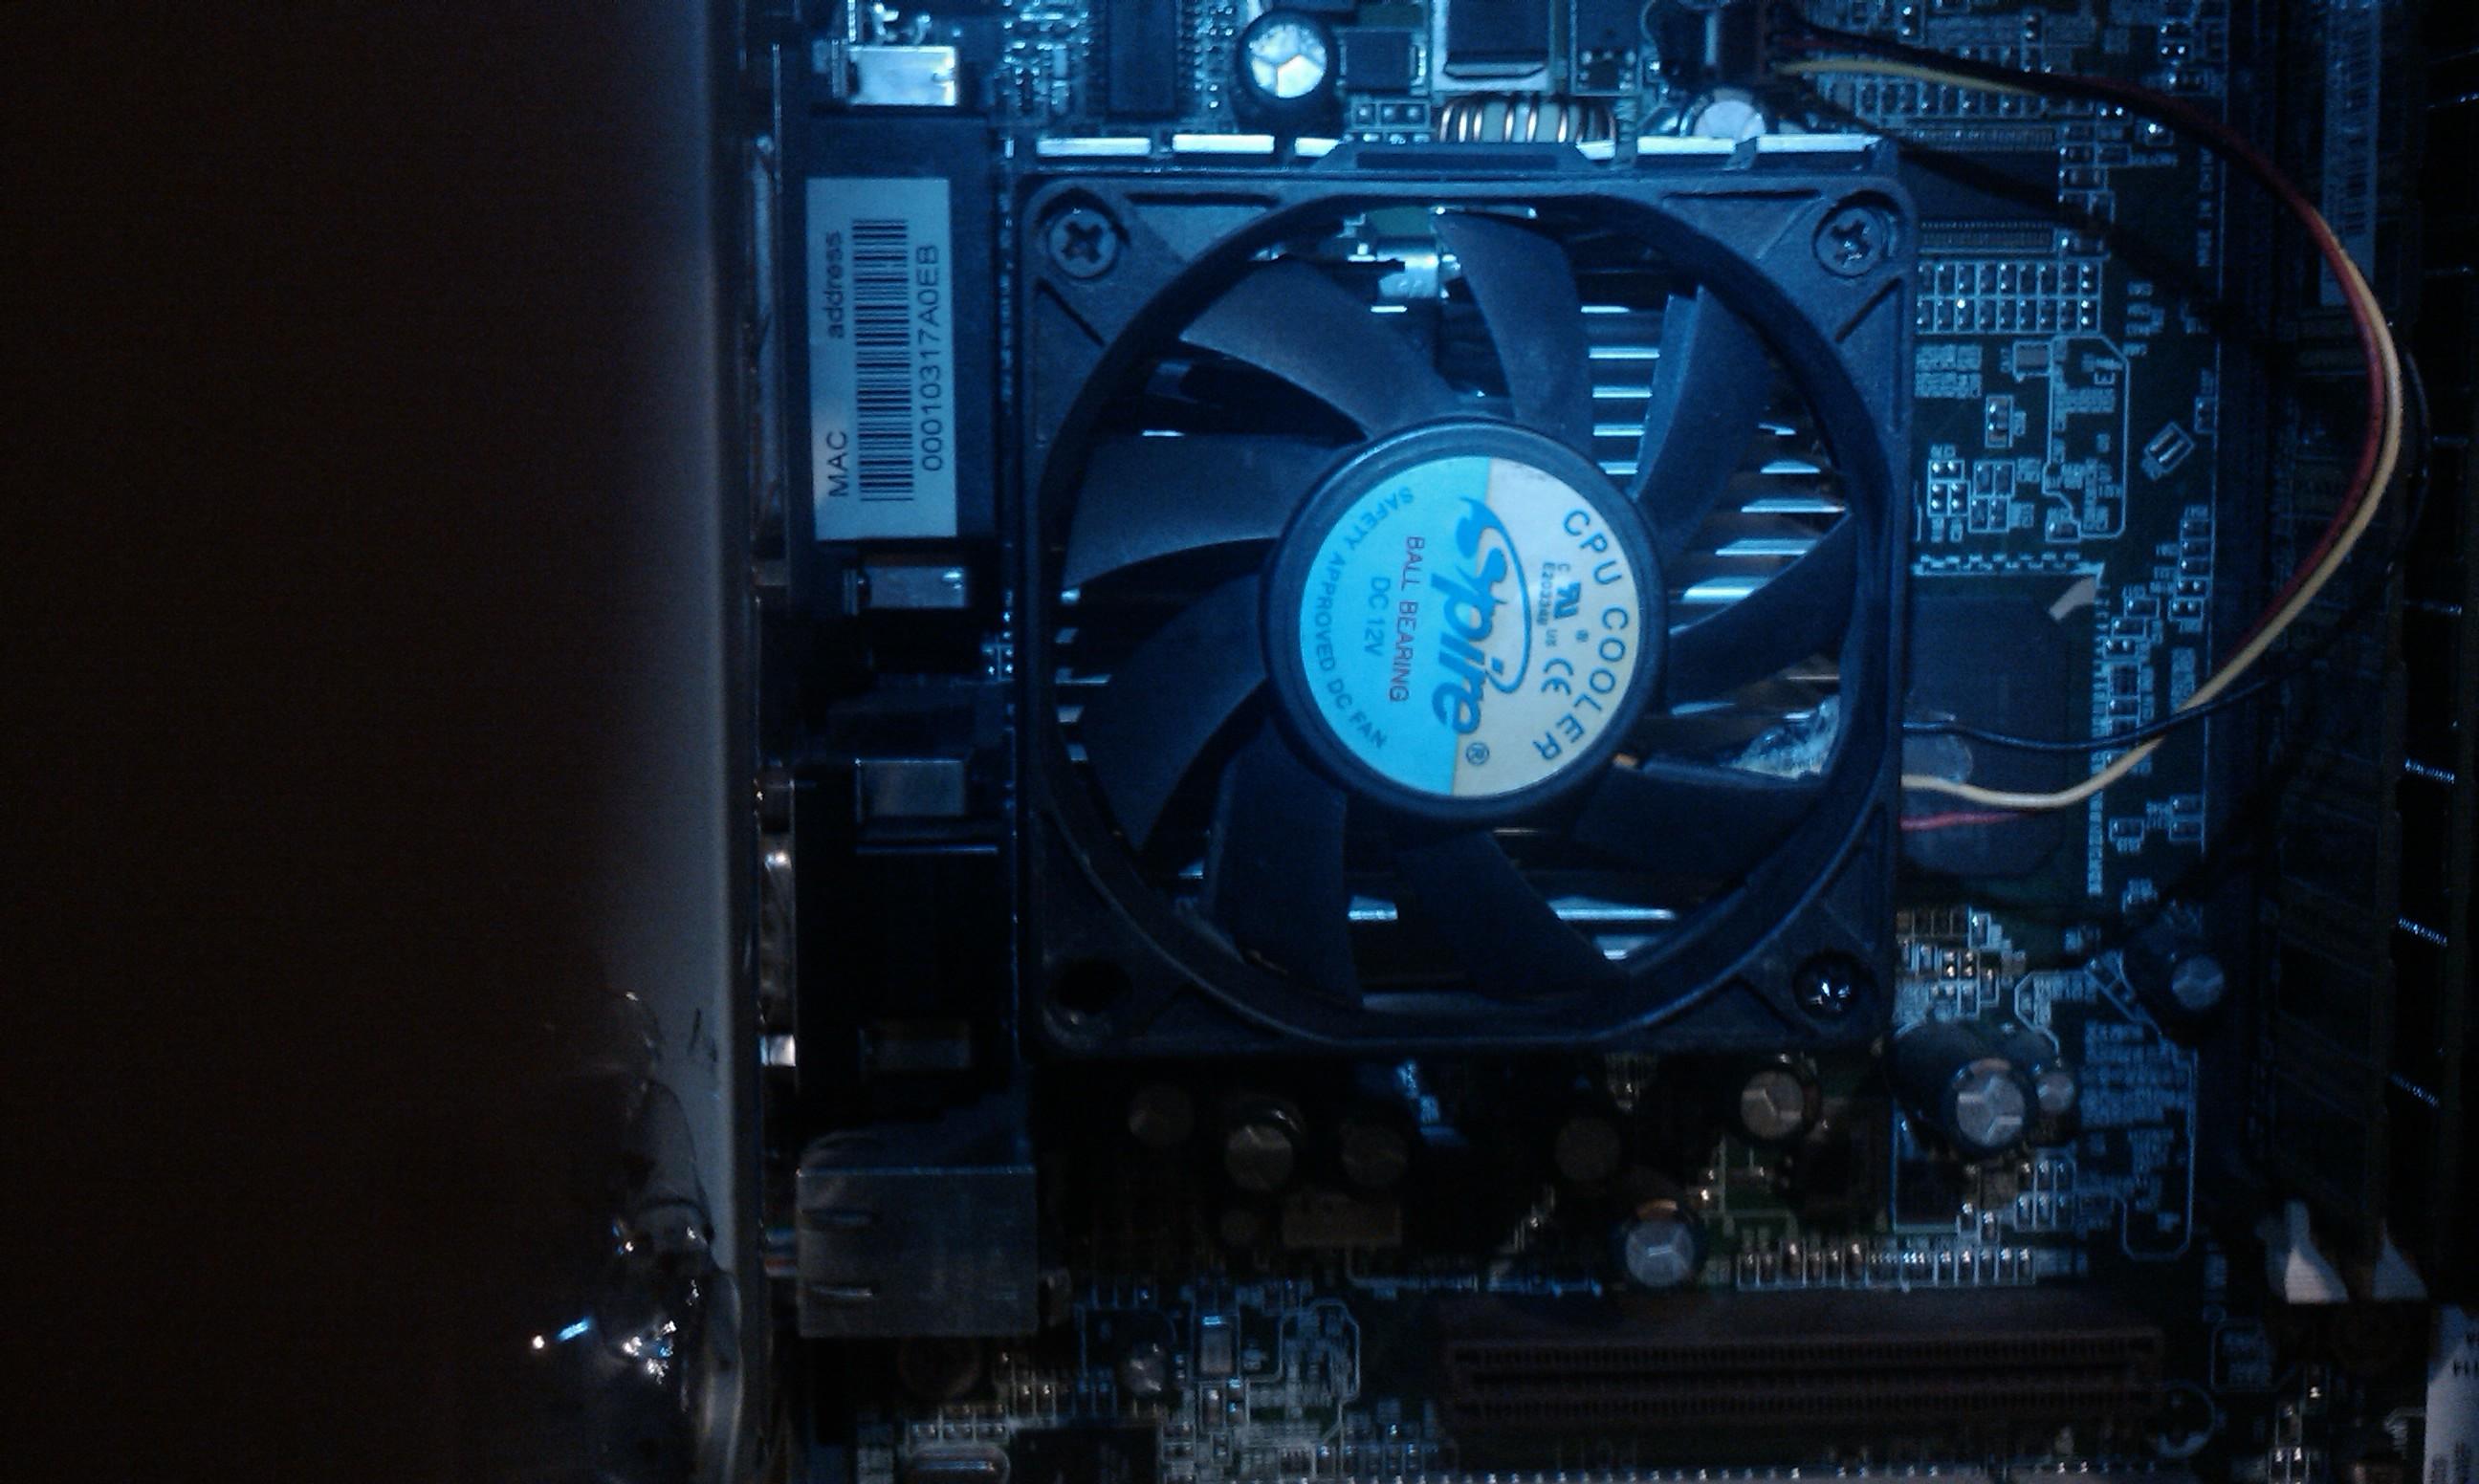 Pentium 3 933 Mhz - Uruchomienie procesora na samym radiatorze bez wentylatora?